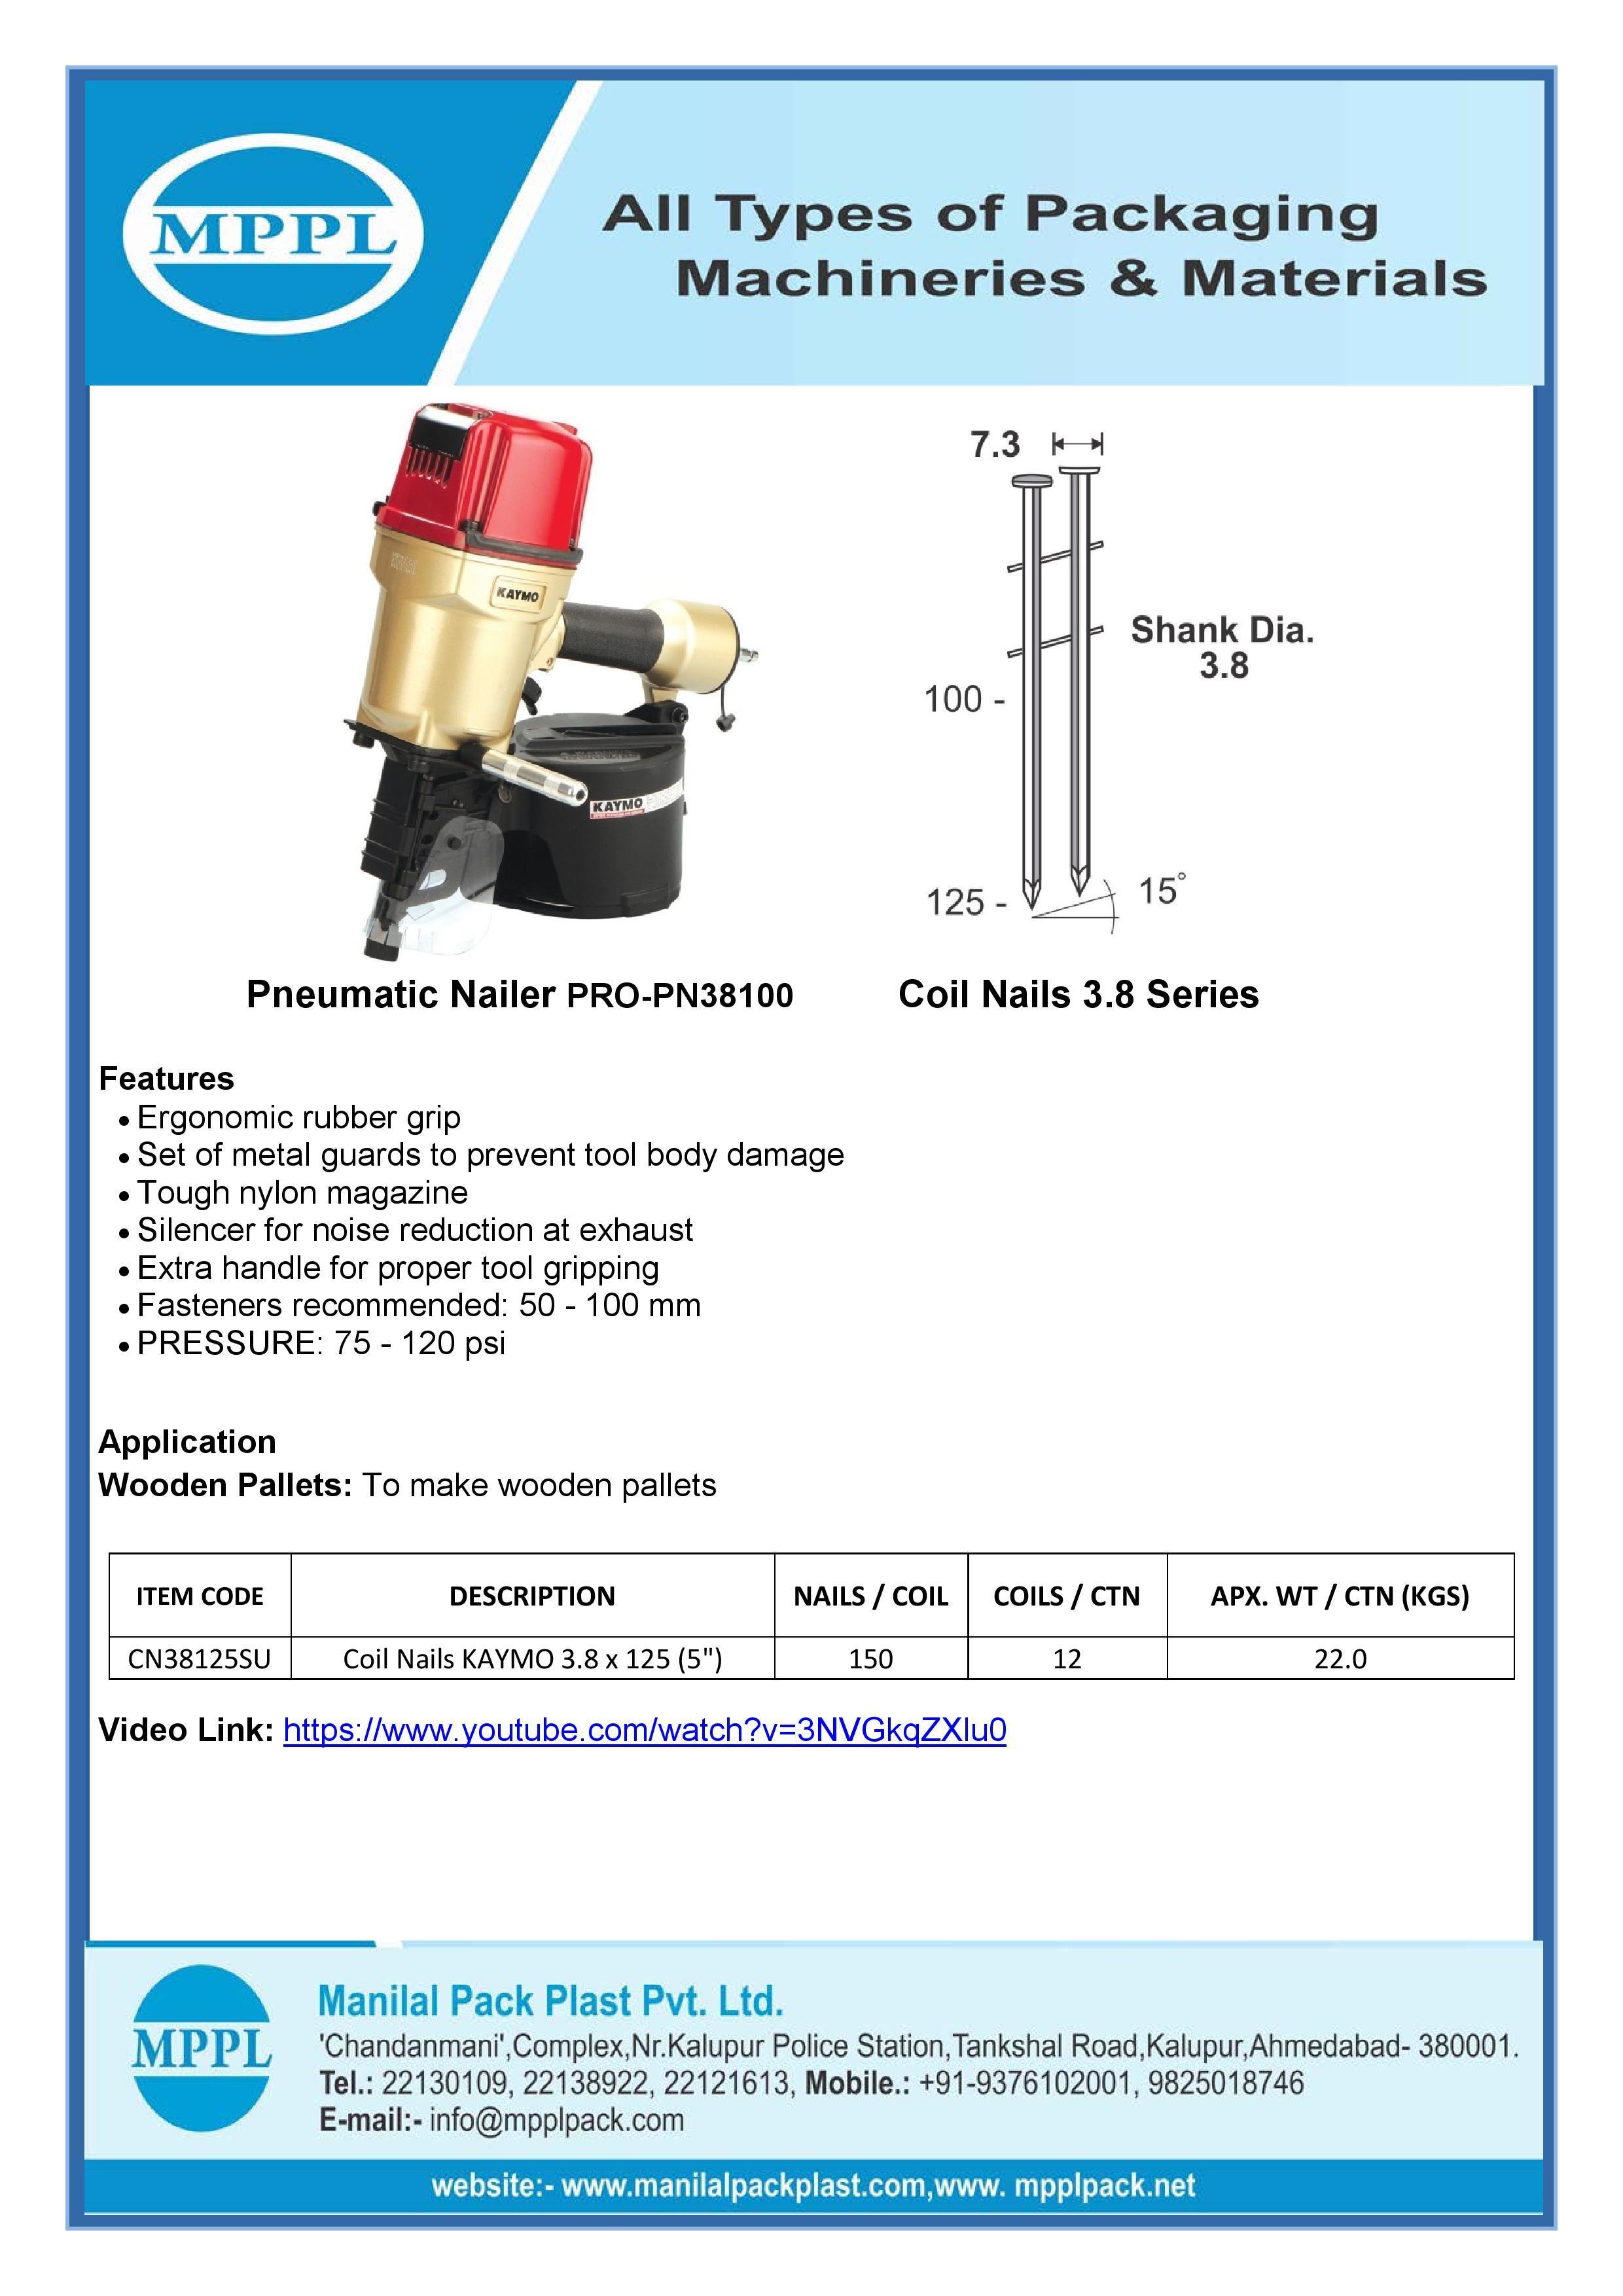 Pneumatic Nailer PRO-PN38100